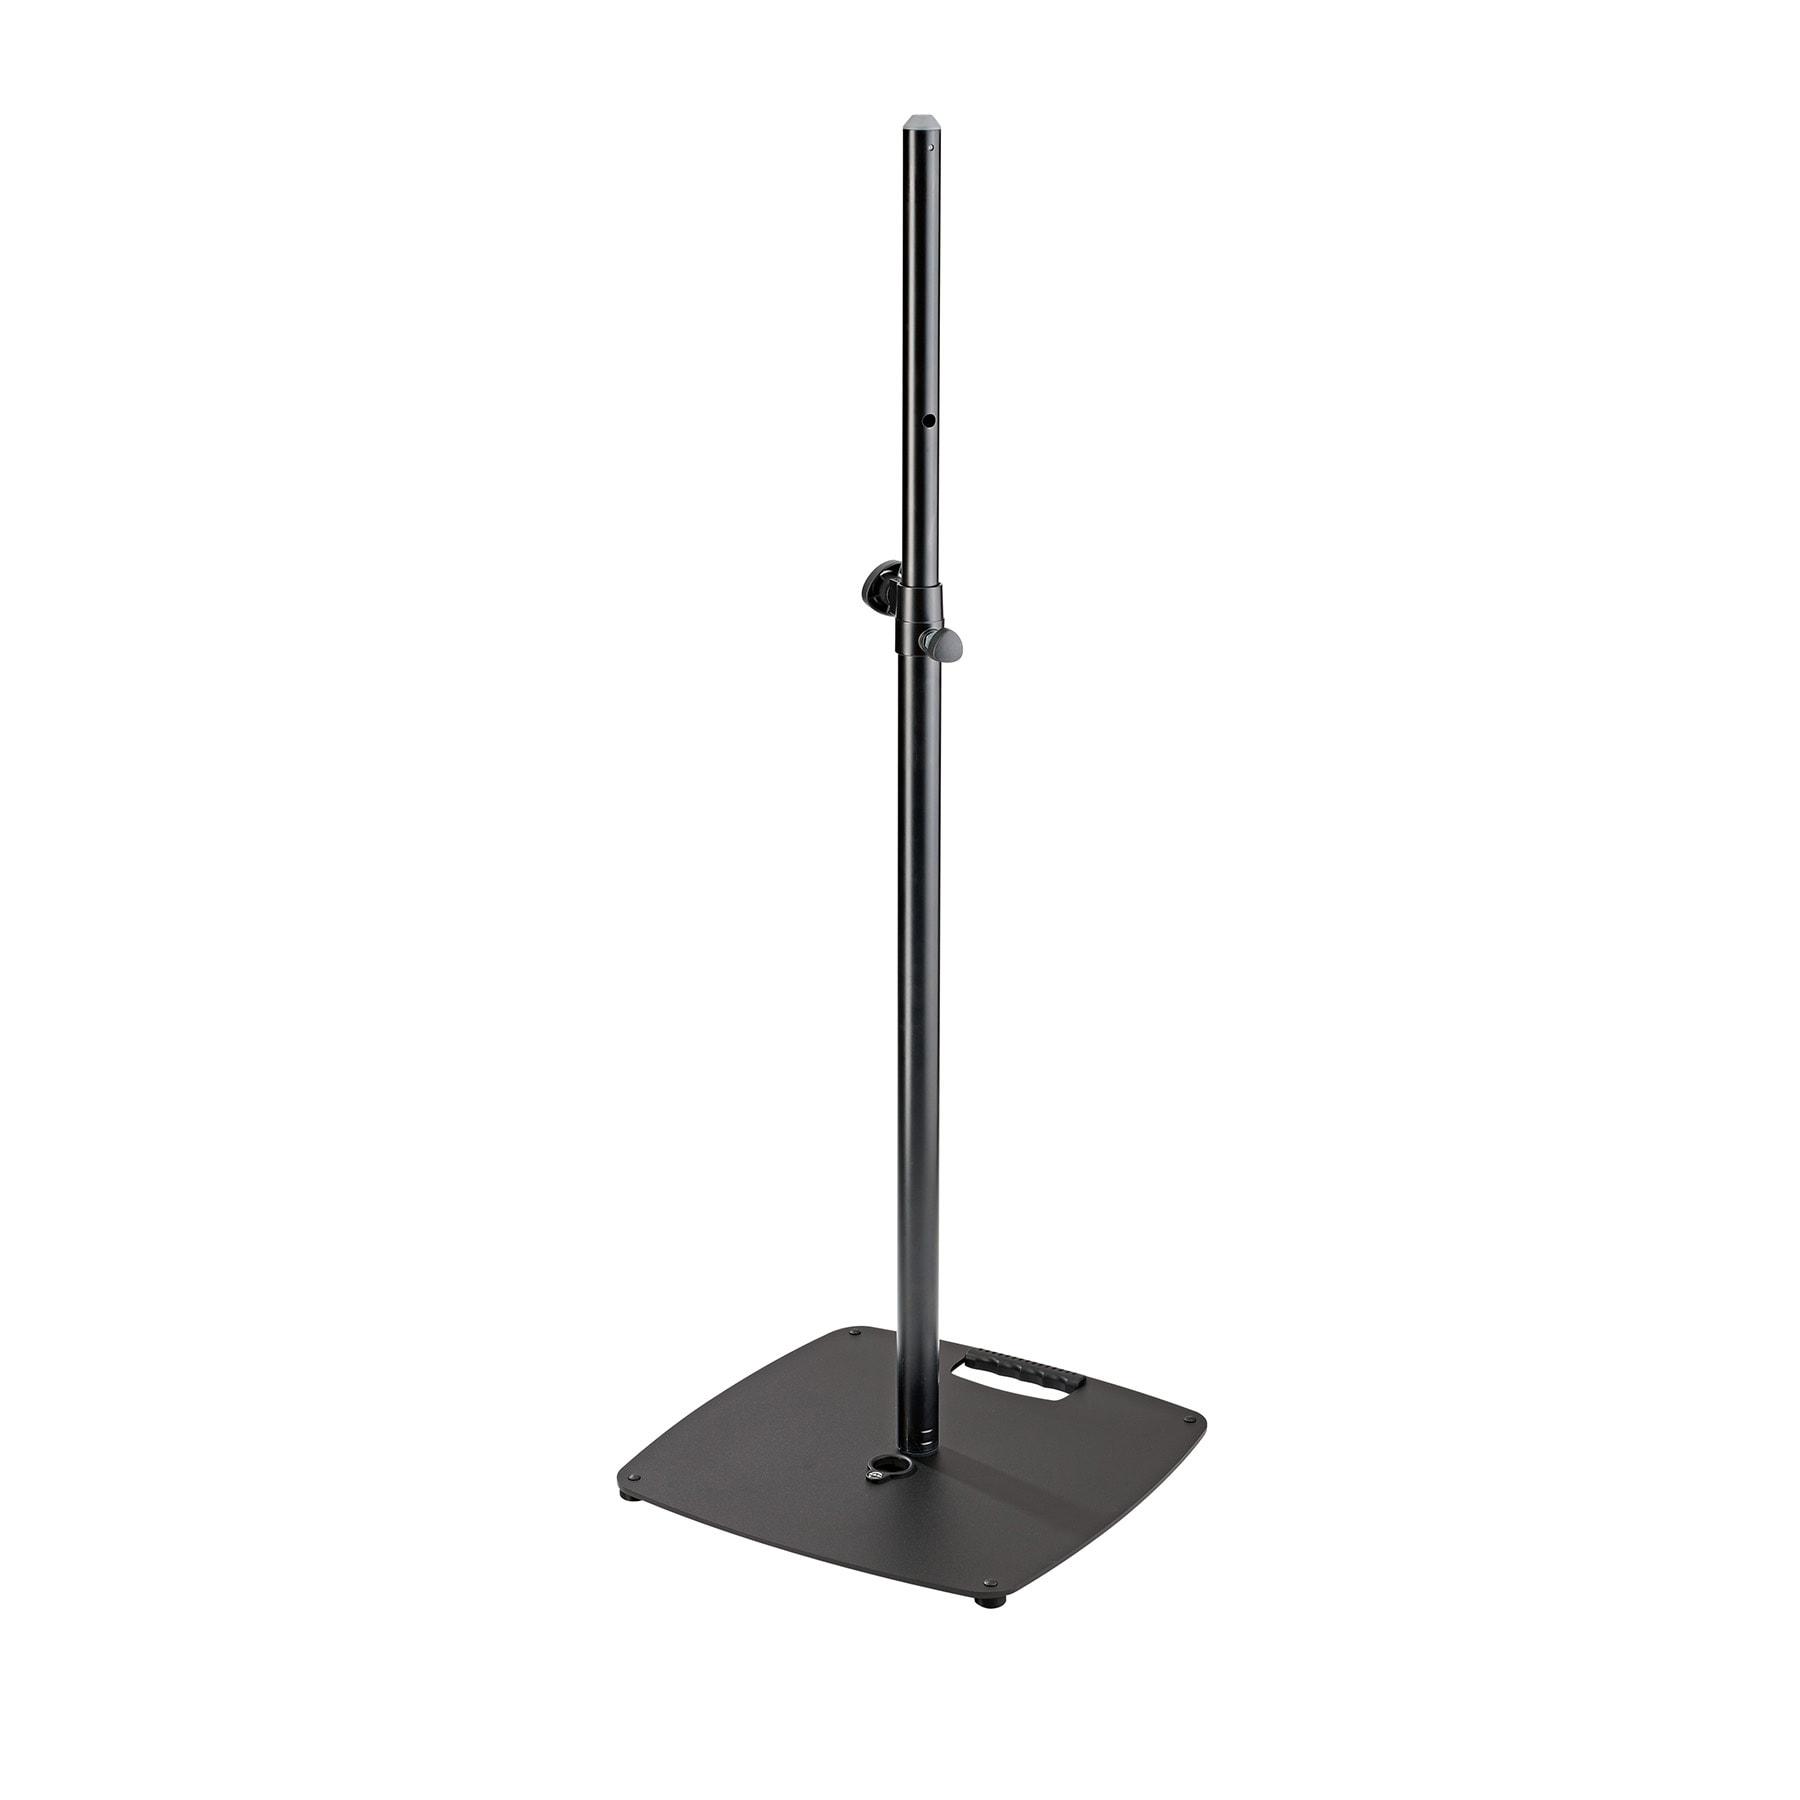 KM26734 - Speaker stand